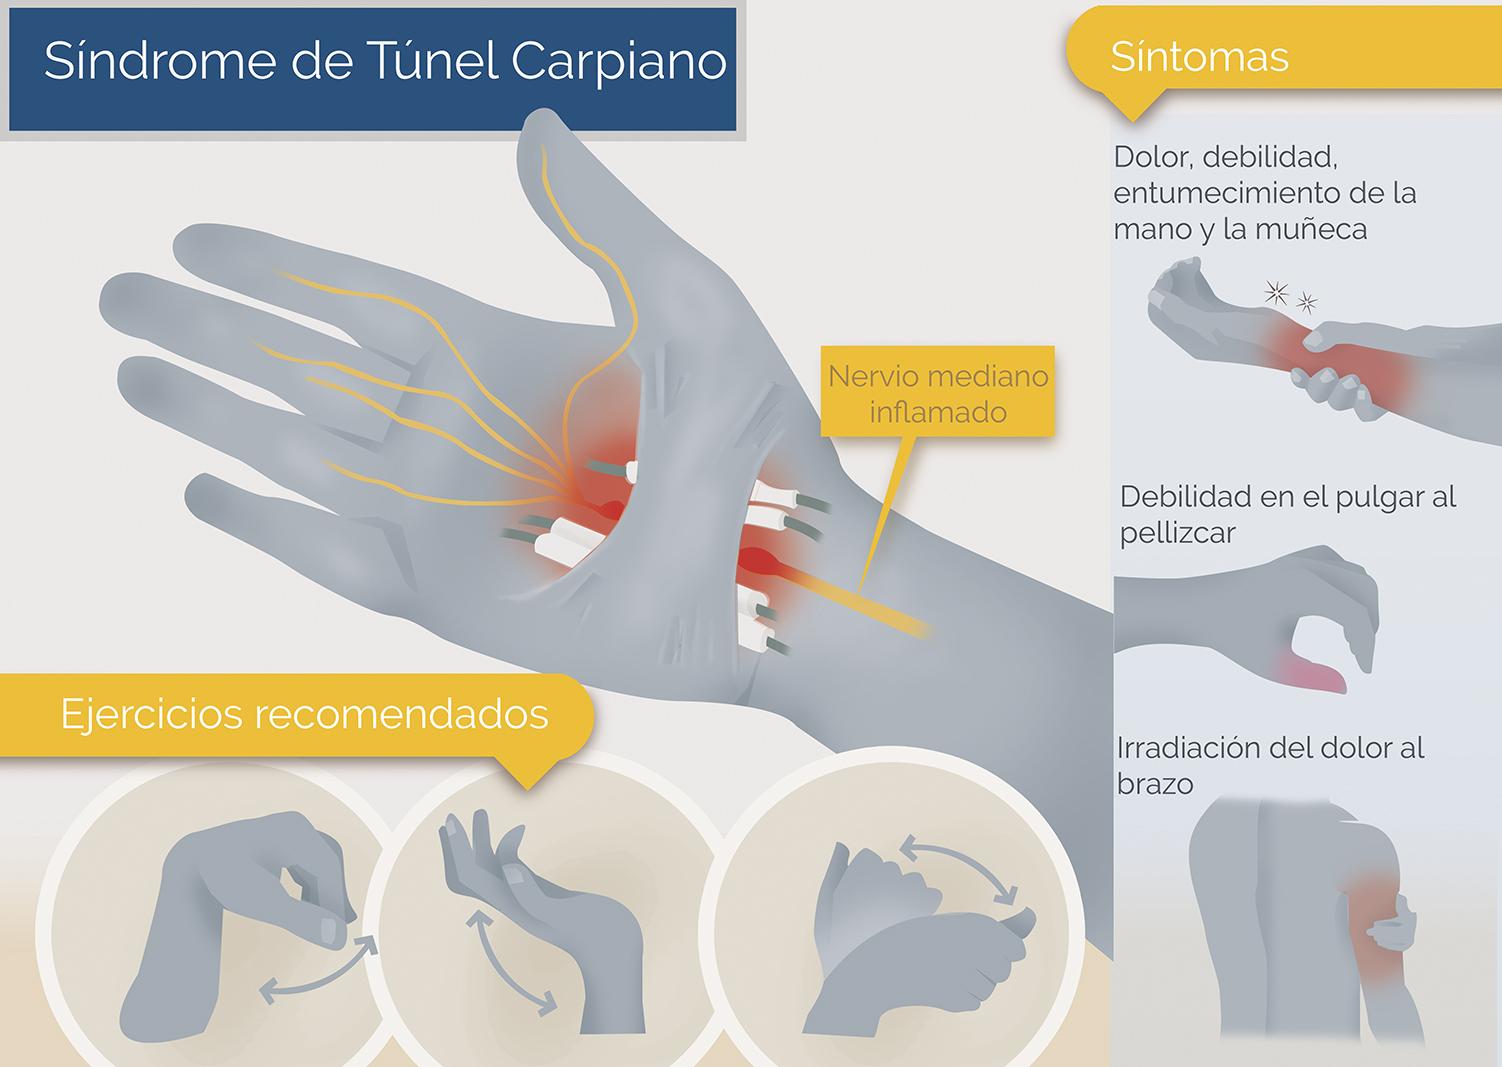 sindrome tunel carpiano